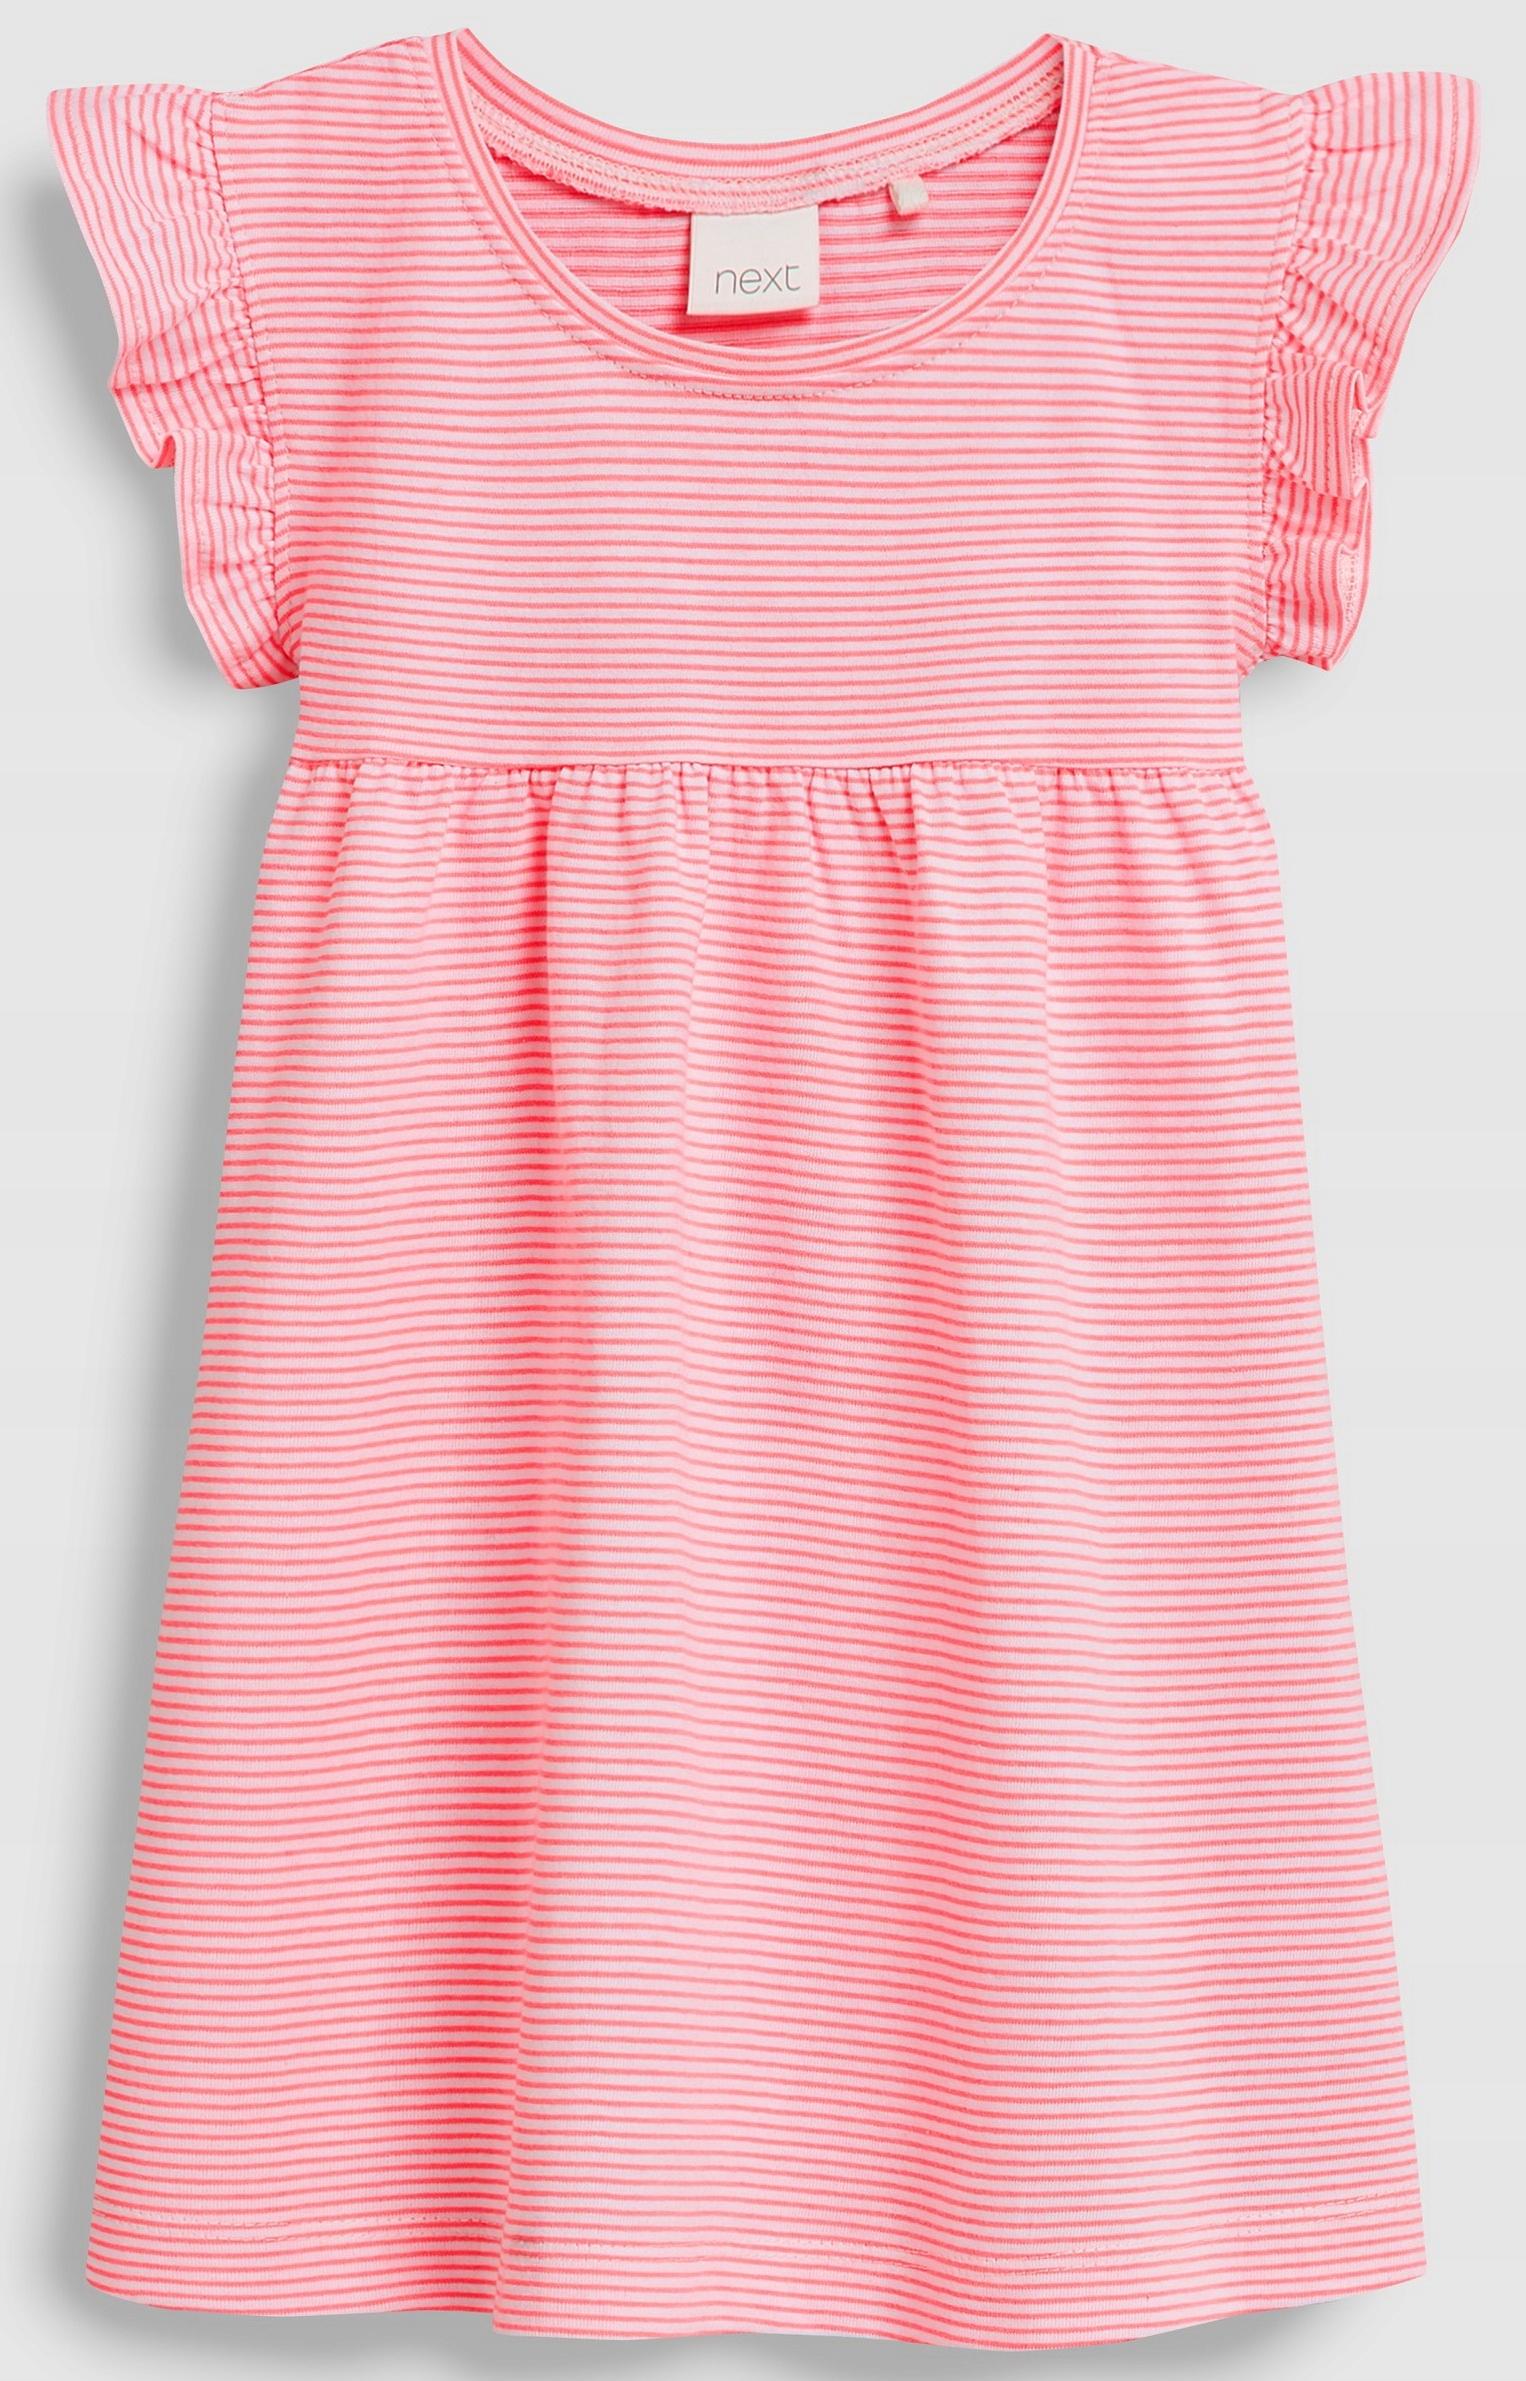 NEXT SUKIENKA Bright Pink Stripe 2-3 L 2019